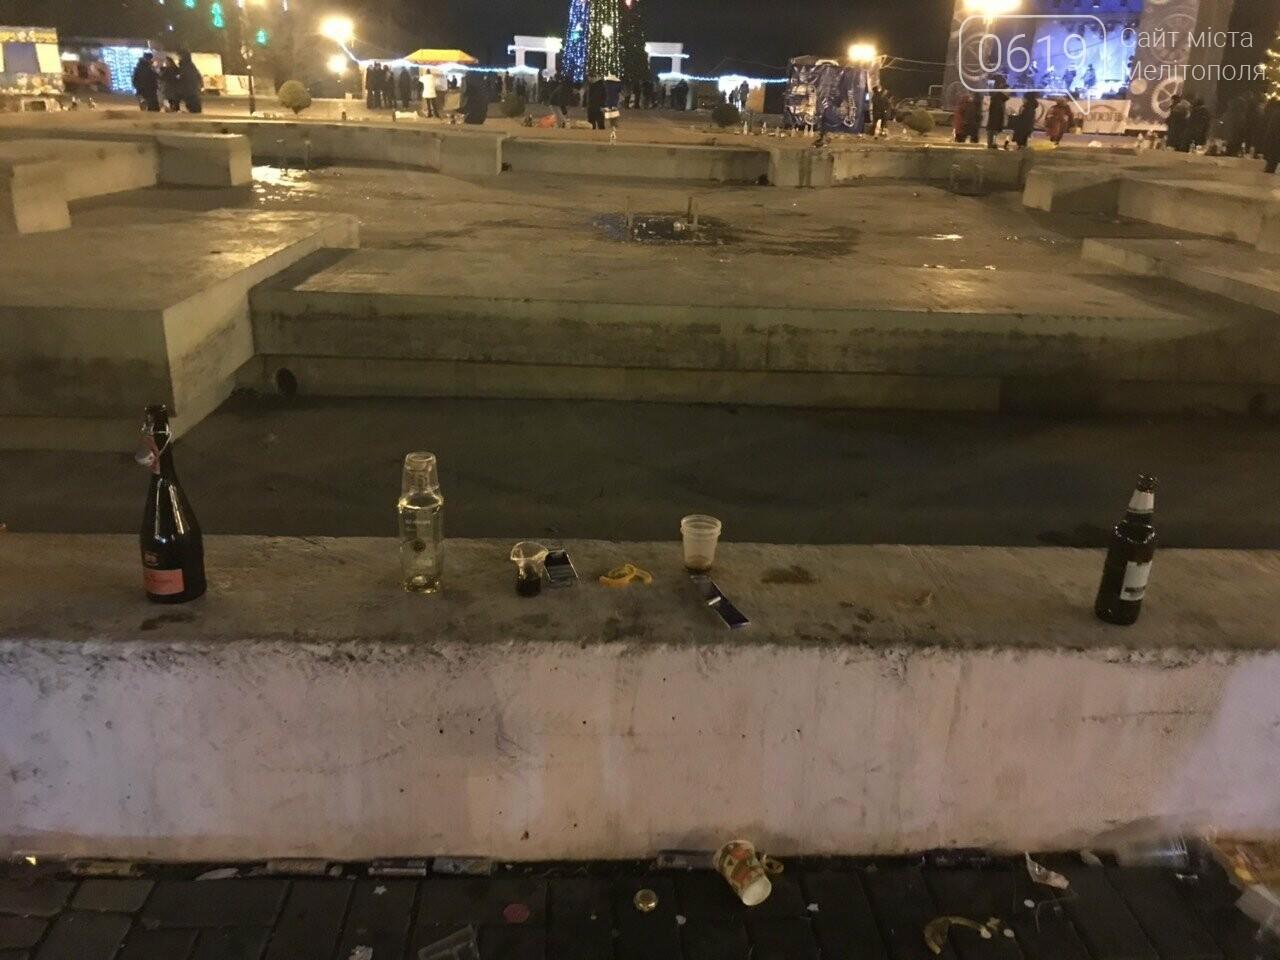 В новогоднюю ночь мелитопольцы превратили площадь в свалку, фото-5, Фото сайта 0619